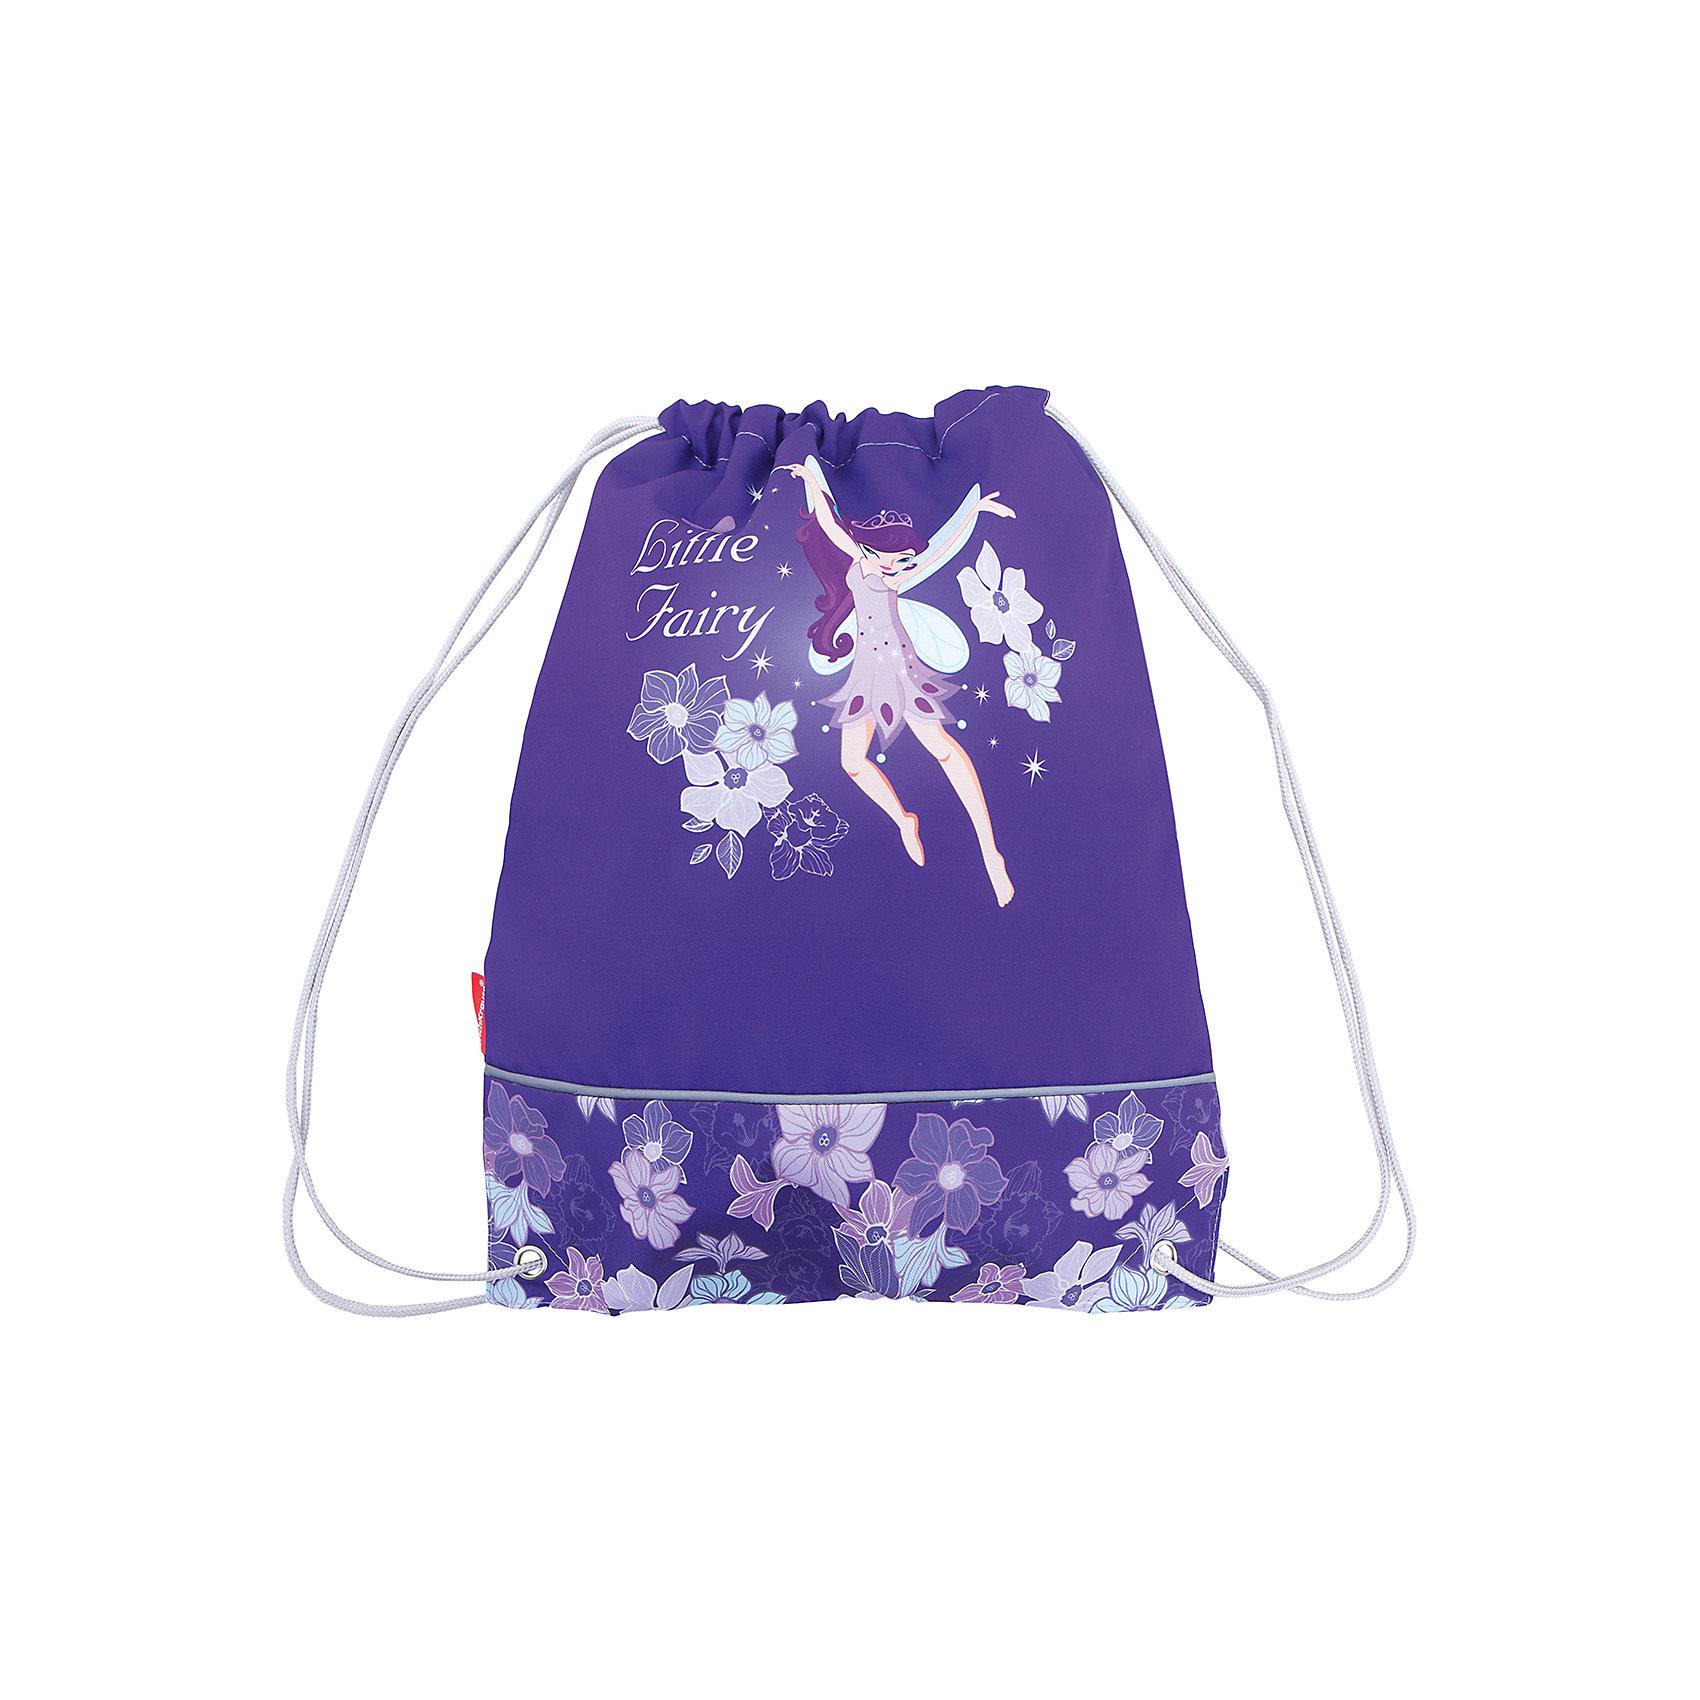 Erich Krause Сумка для сменной обуви Flower FairyМешки для обуви<br>Характеристики товара:<br><br>• серия: Flower Fairy<br>• материал: полиэстер<br>• размер: 44х35х2 см<br>• страна изготовитель: Китай<br>• страна бренда: Германия<br><br>Мешок для обуви ErichKrause позволяет школьнику носить с собой сменную обувь – в школу или на секции. Мешок для обуви оснащен шнурком для стягивания. <br><br>Erich Krause Сумка для сменной обуви Flower Fairy можно купить в нашем интернет-магазине.<br><br>Ширина мм: 440<br>Глубина мм: 350<br>Высота мм: 10<br>Вес г: 90<br>Возраст от месяцев: 72<br>Возраст до месяцев: 96<br>Пол: Женский<br>Возраст: Детский<br>SKU: 6842753